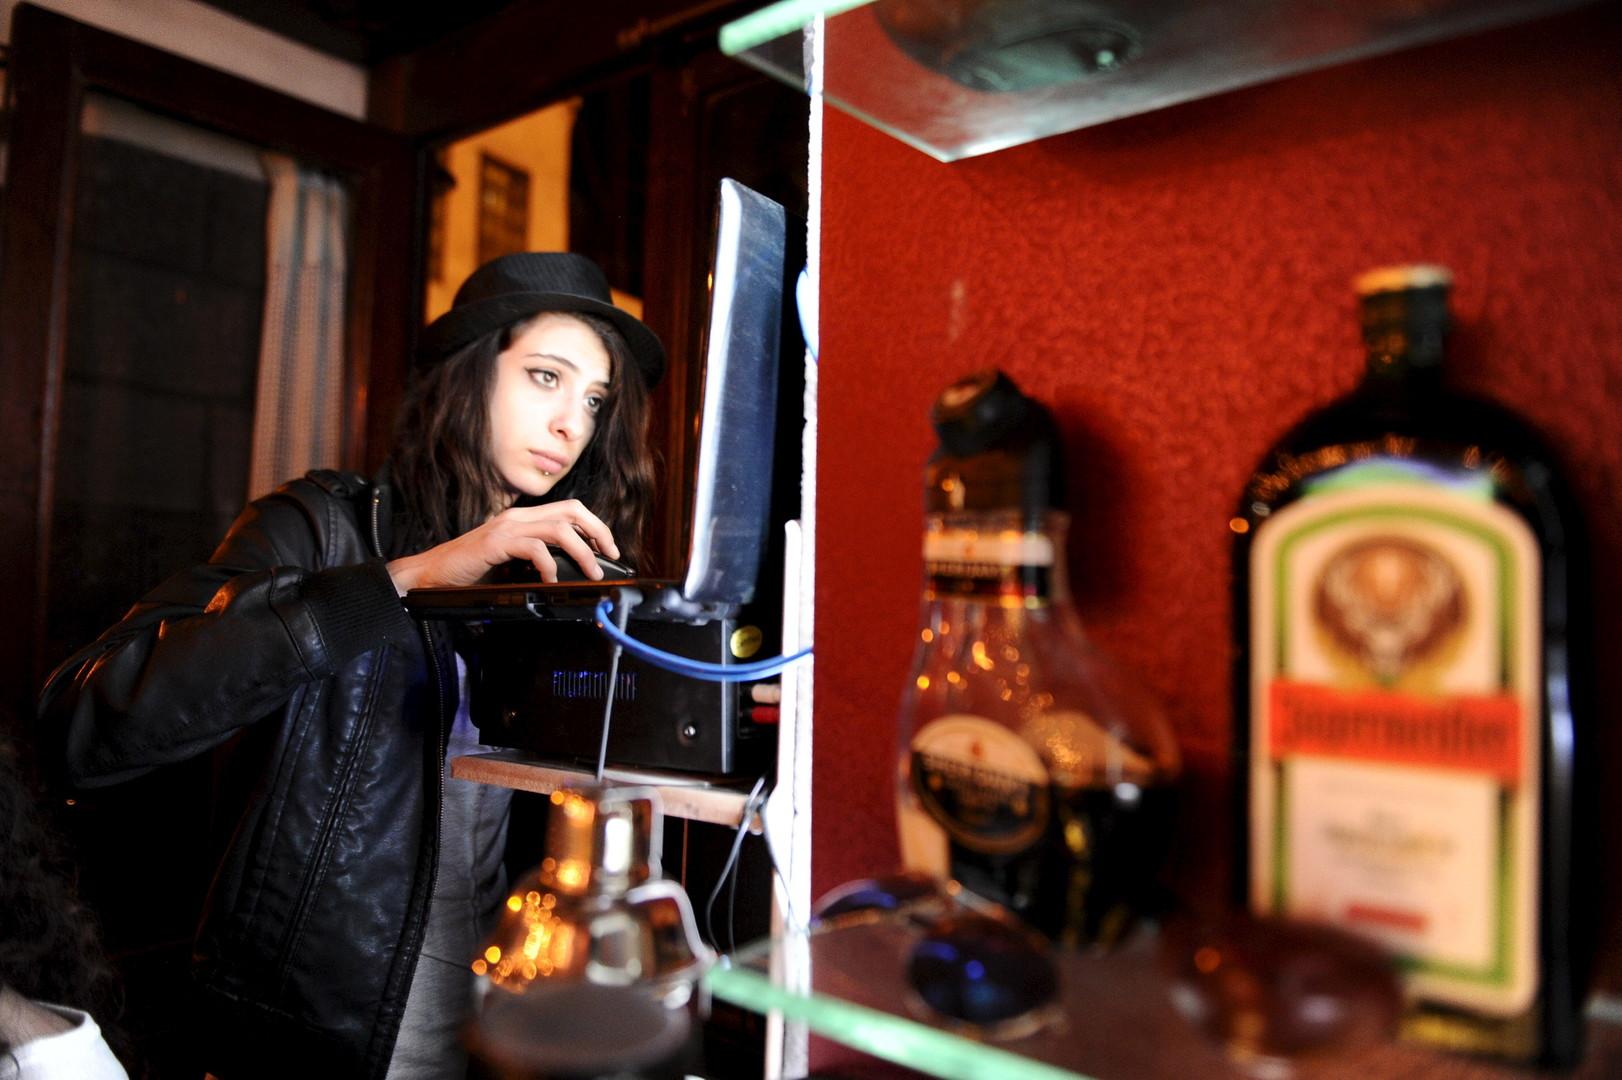 """Marah bei der Arbeit. Sie ist DJ in der Bar """"80's"""". Damaskus, 13. März 2016"""